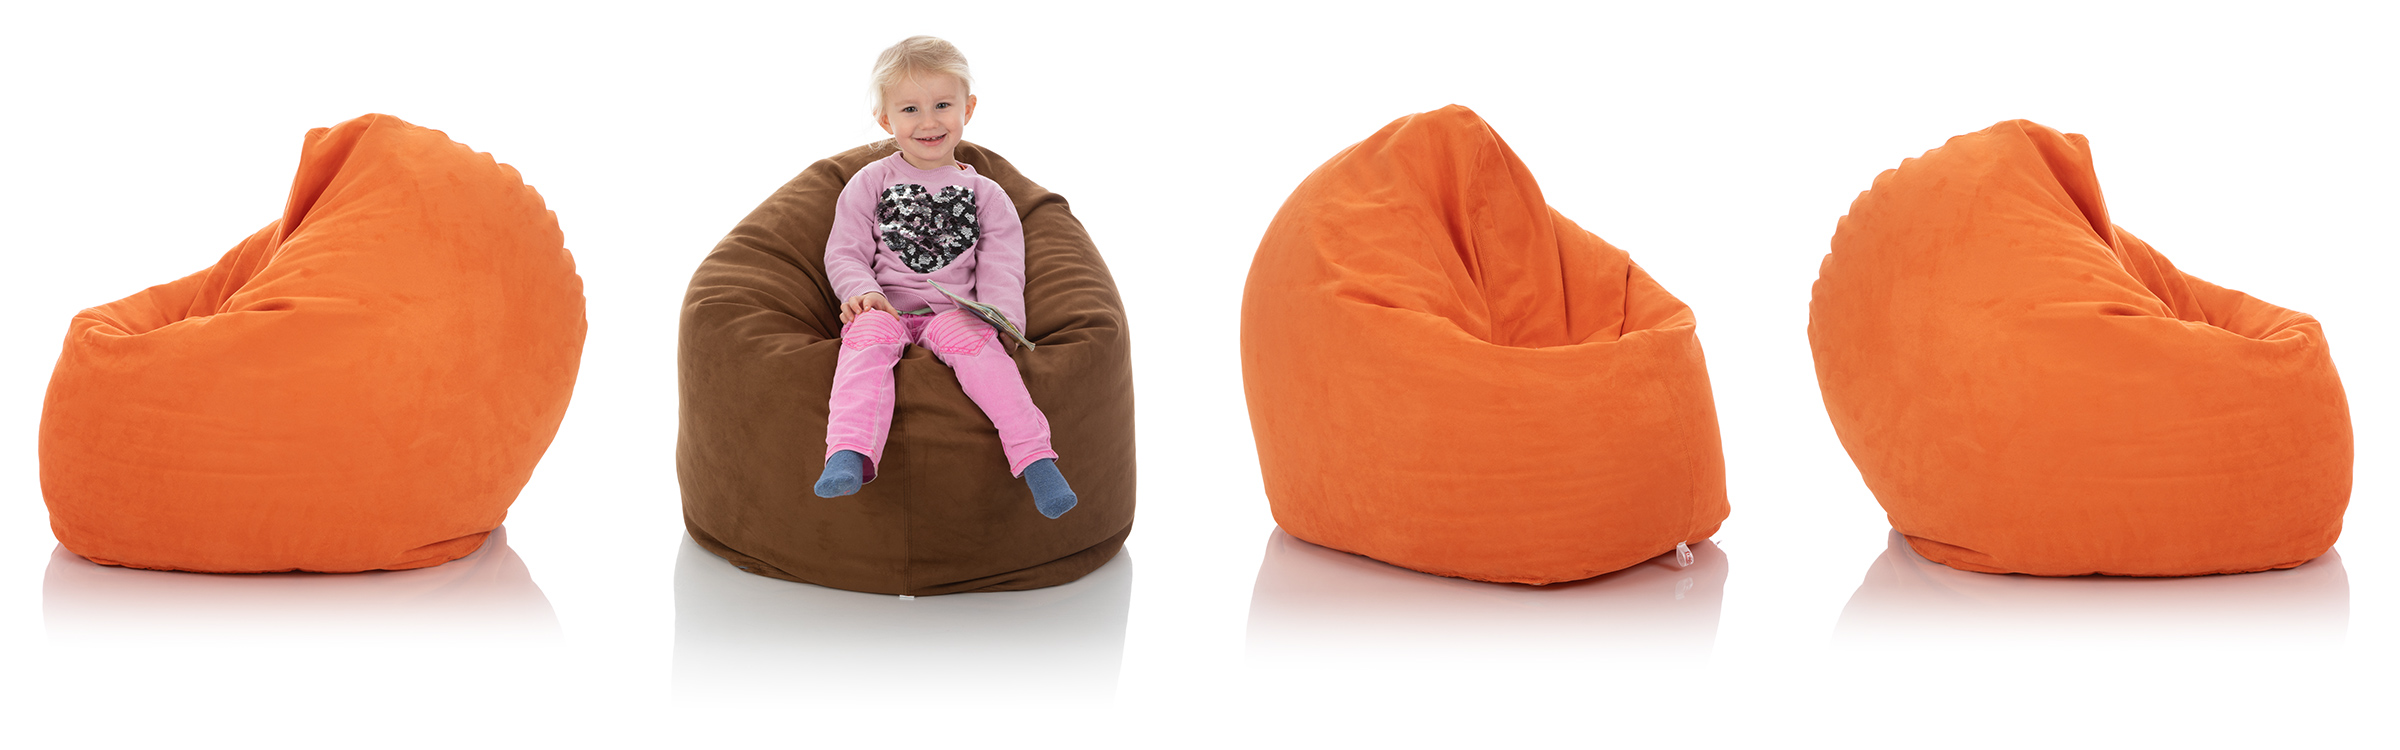 Kleines Mädchen im Kinder-Sitzsack braun, umgeben von Sitzsäcke für Kinder in orange